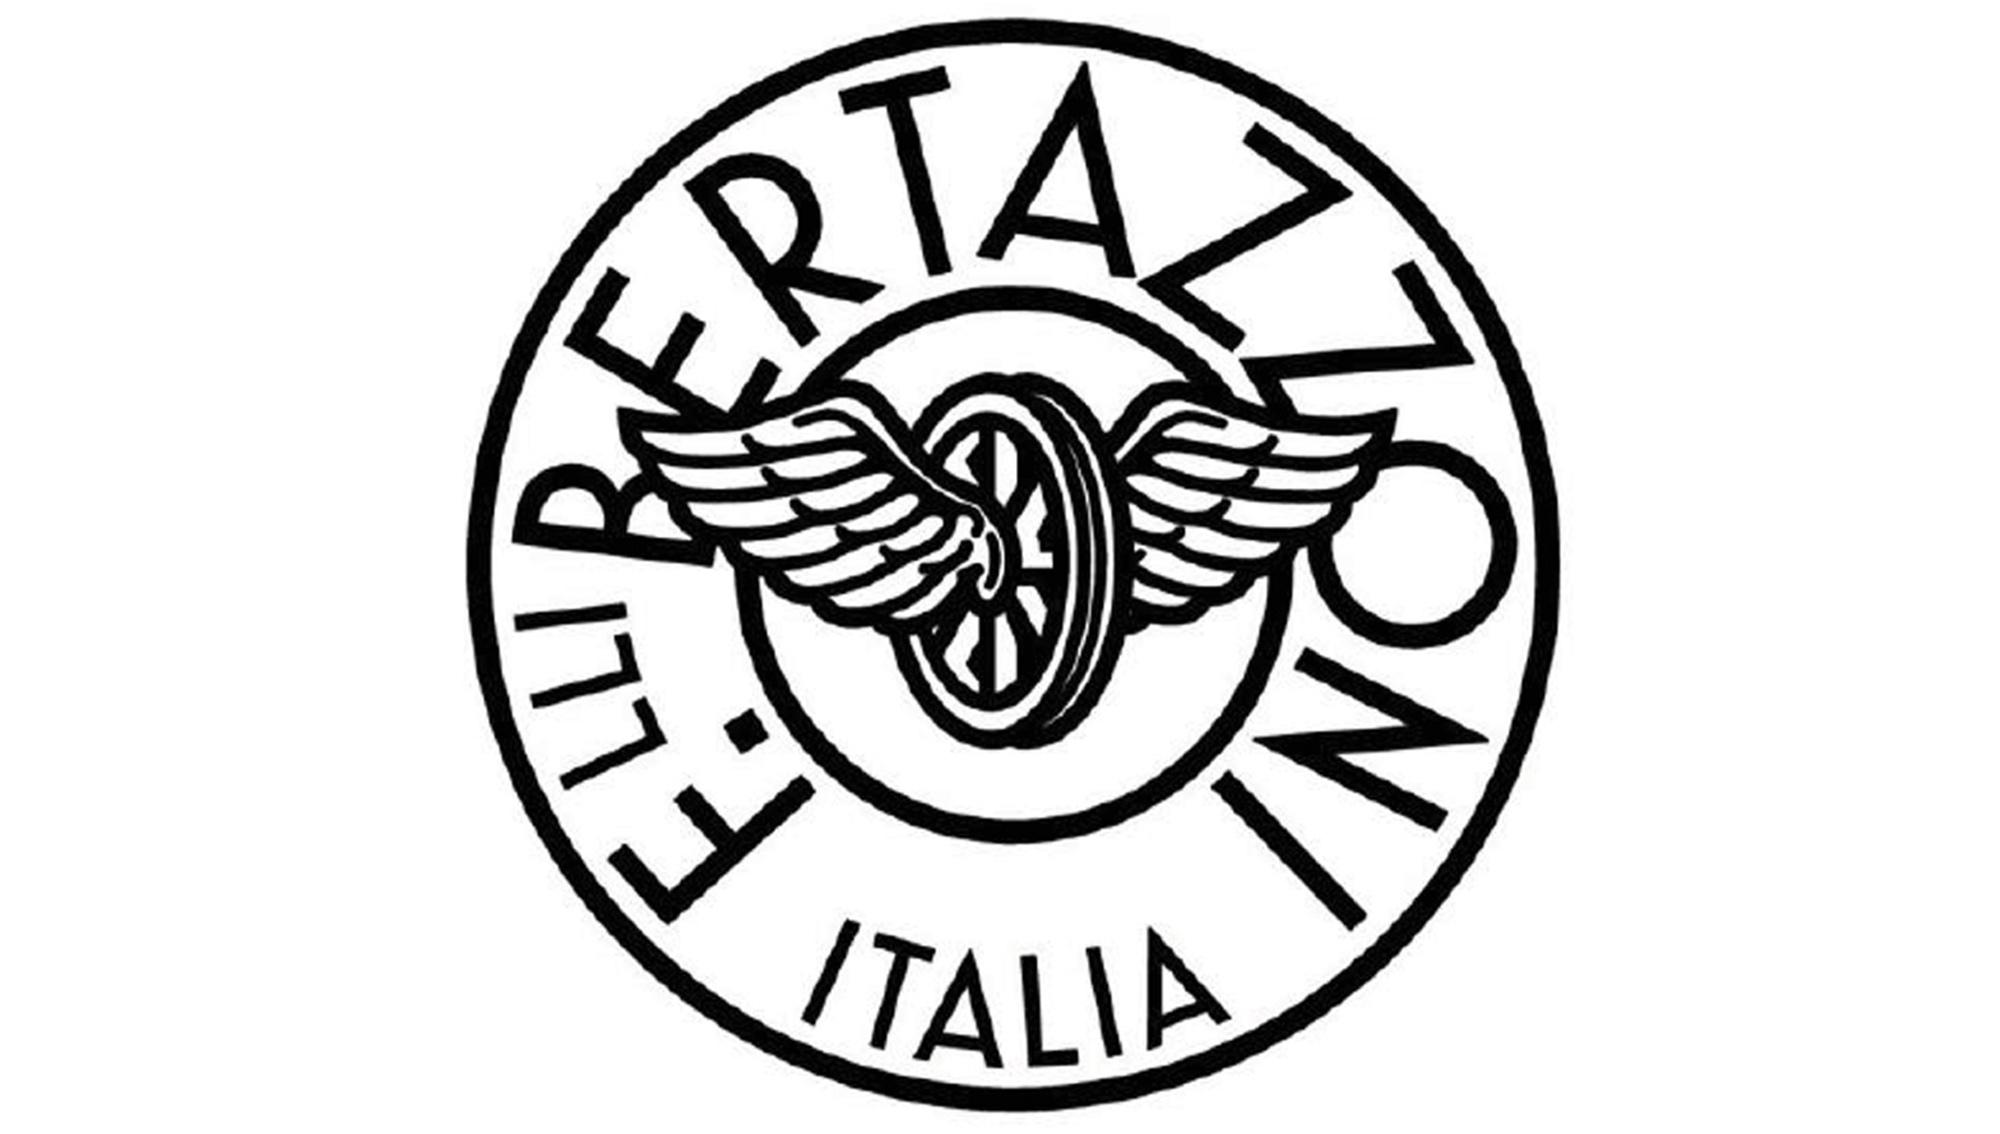 bertazzoni-logo.jpg